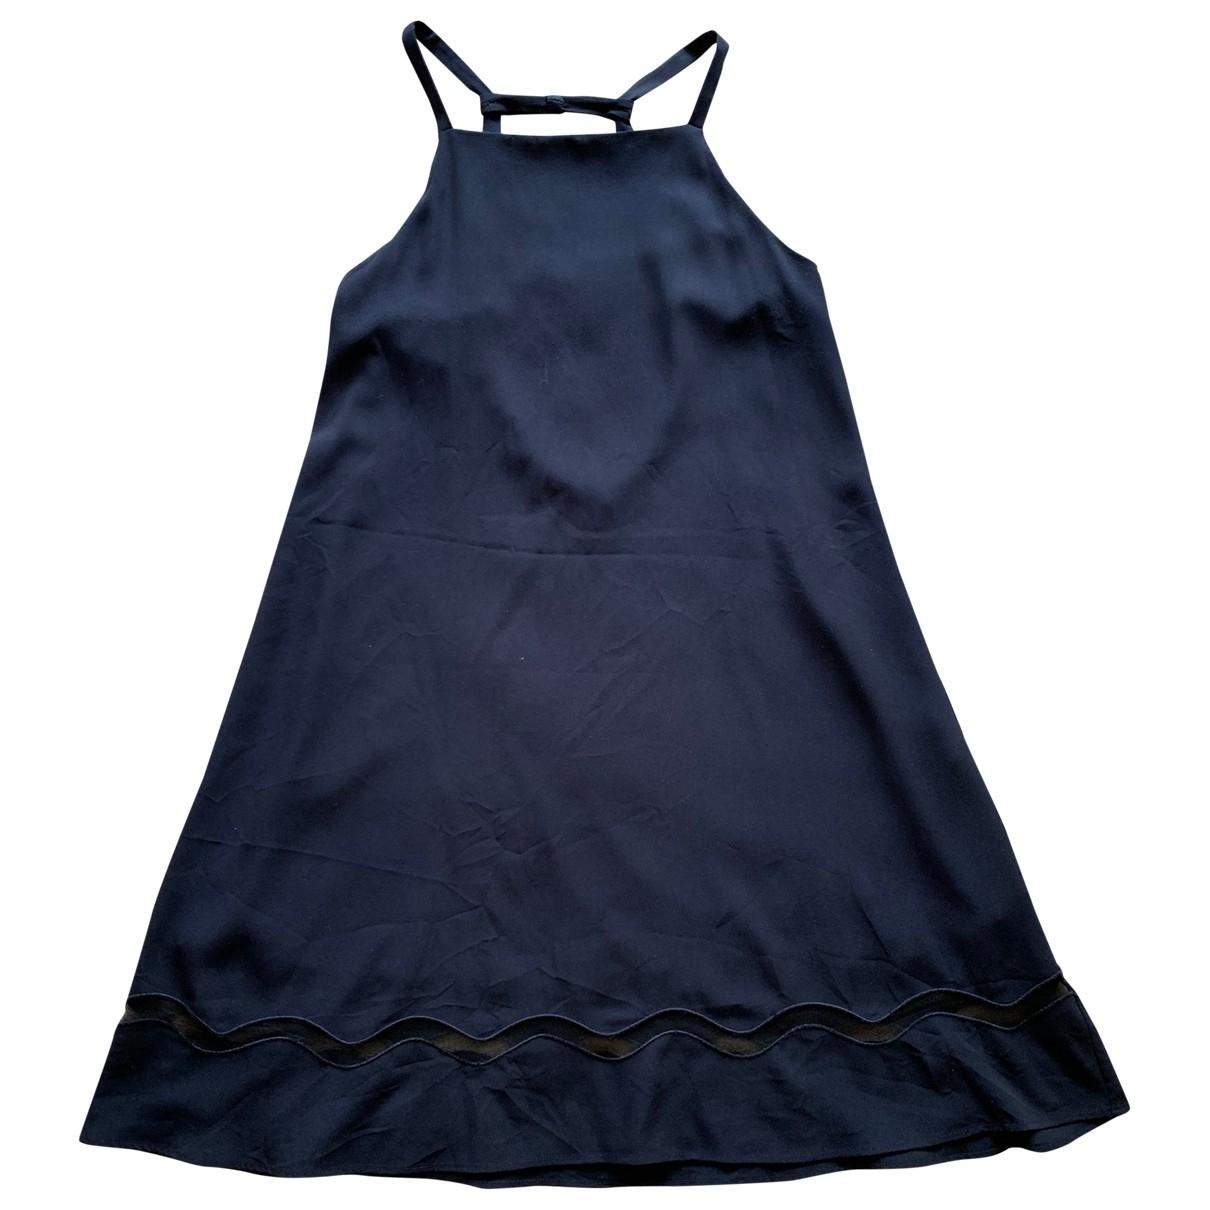 Claudie Pierlot \N Blue dress for Women 36 FR